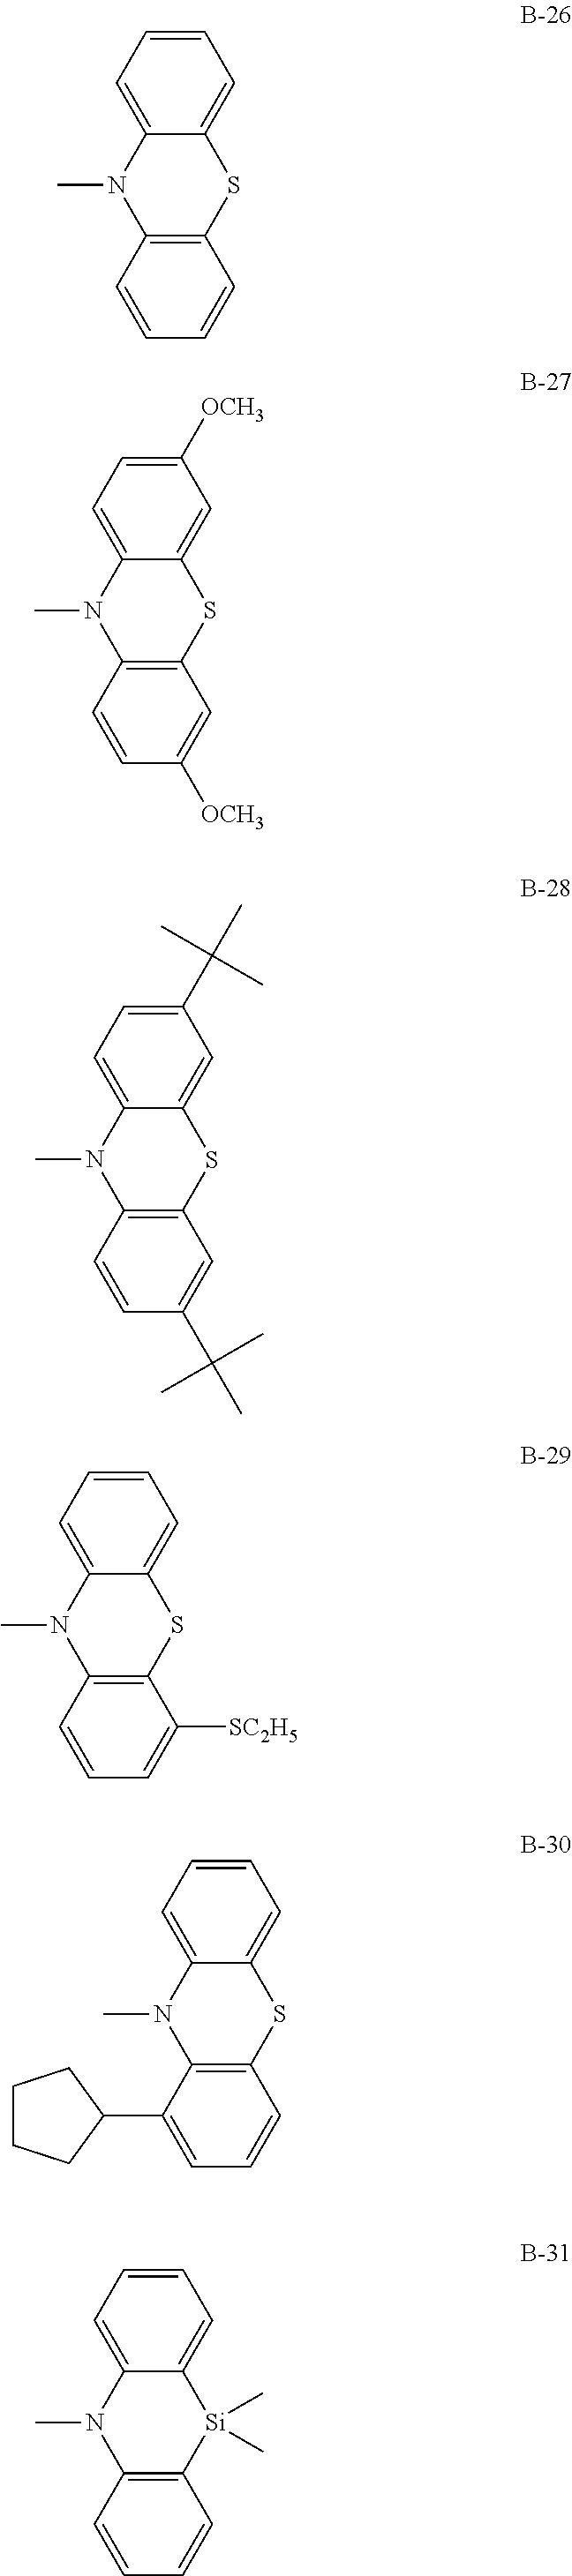 Figure US08847141-20140930-C00035